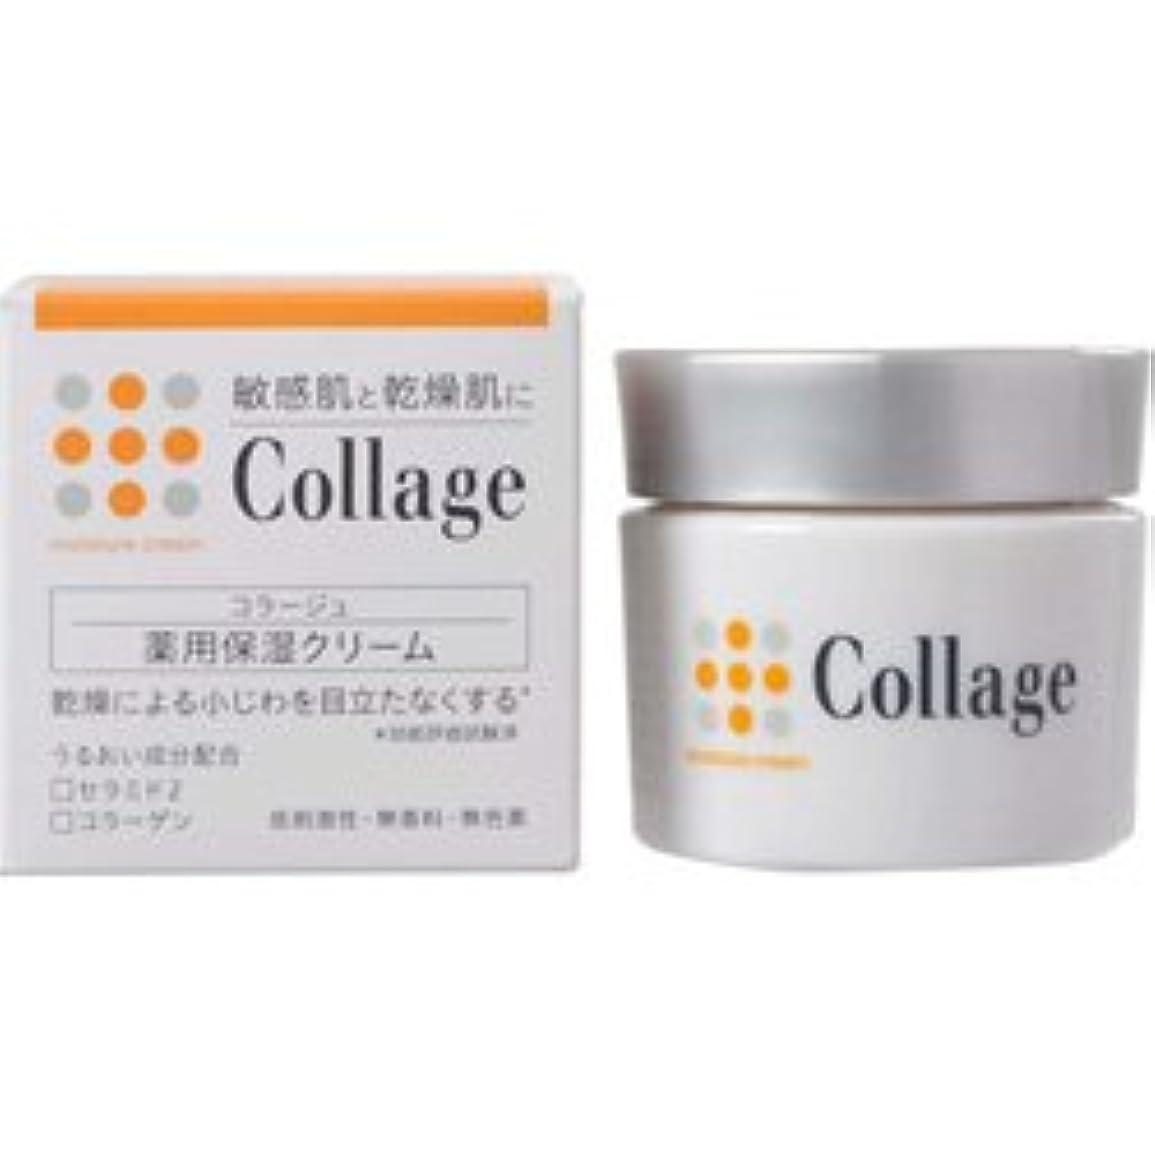 考えた積極的にプール【持田ヘルスケア】 コラージュ薬用保湿クリーム 30g (医薬部外品) ×10個セット